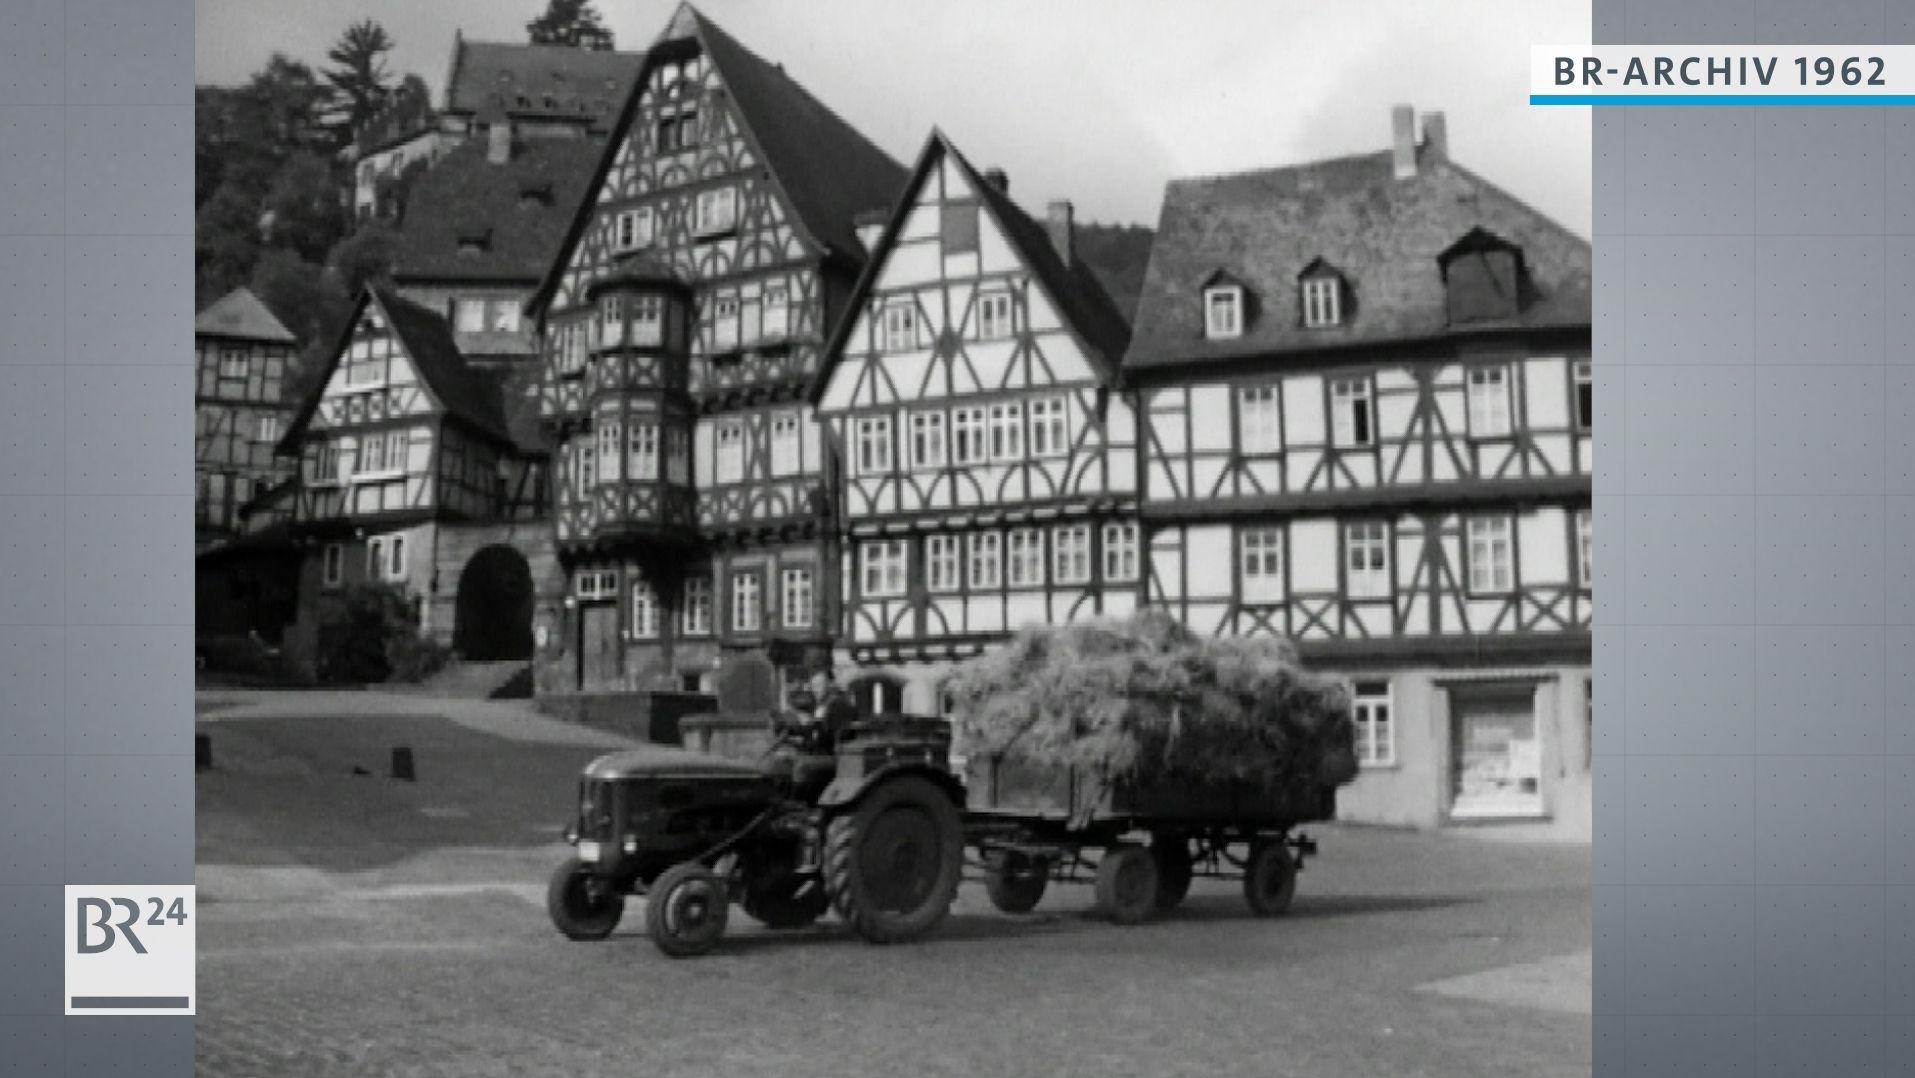 Traktor fährt am historischen Marktplatz vorbei